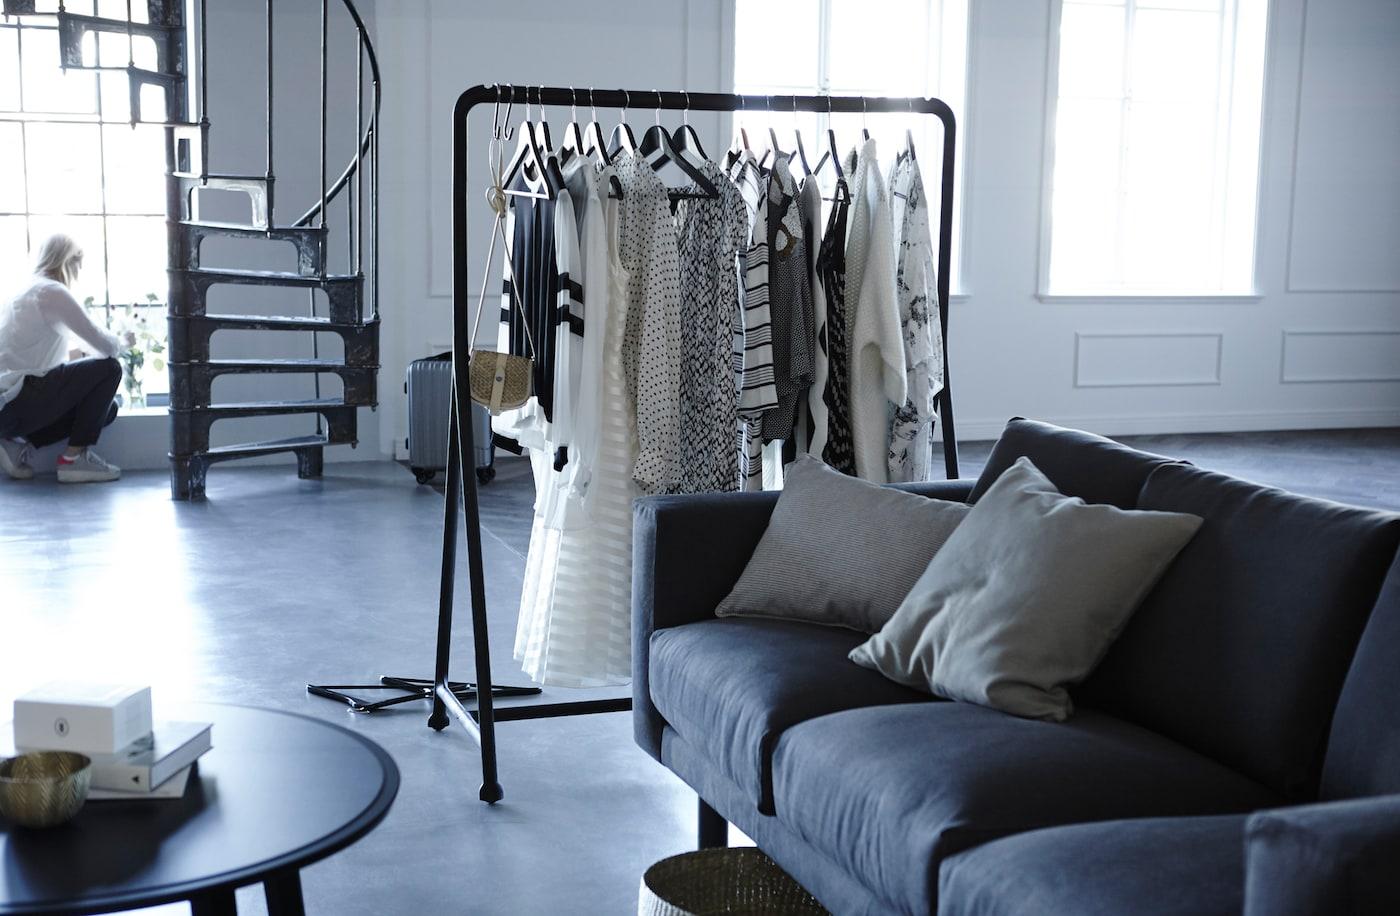 Hvis gjestene skal overnatte på en sovesofa, kan et klesstativ fungere både som en romavdeler og et sted der de kan pakke ut klærne sine.